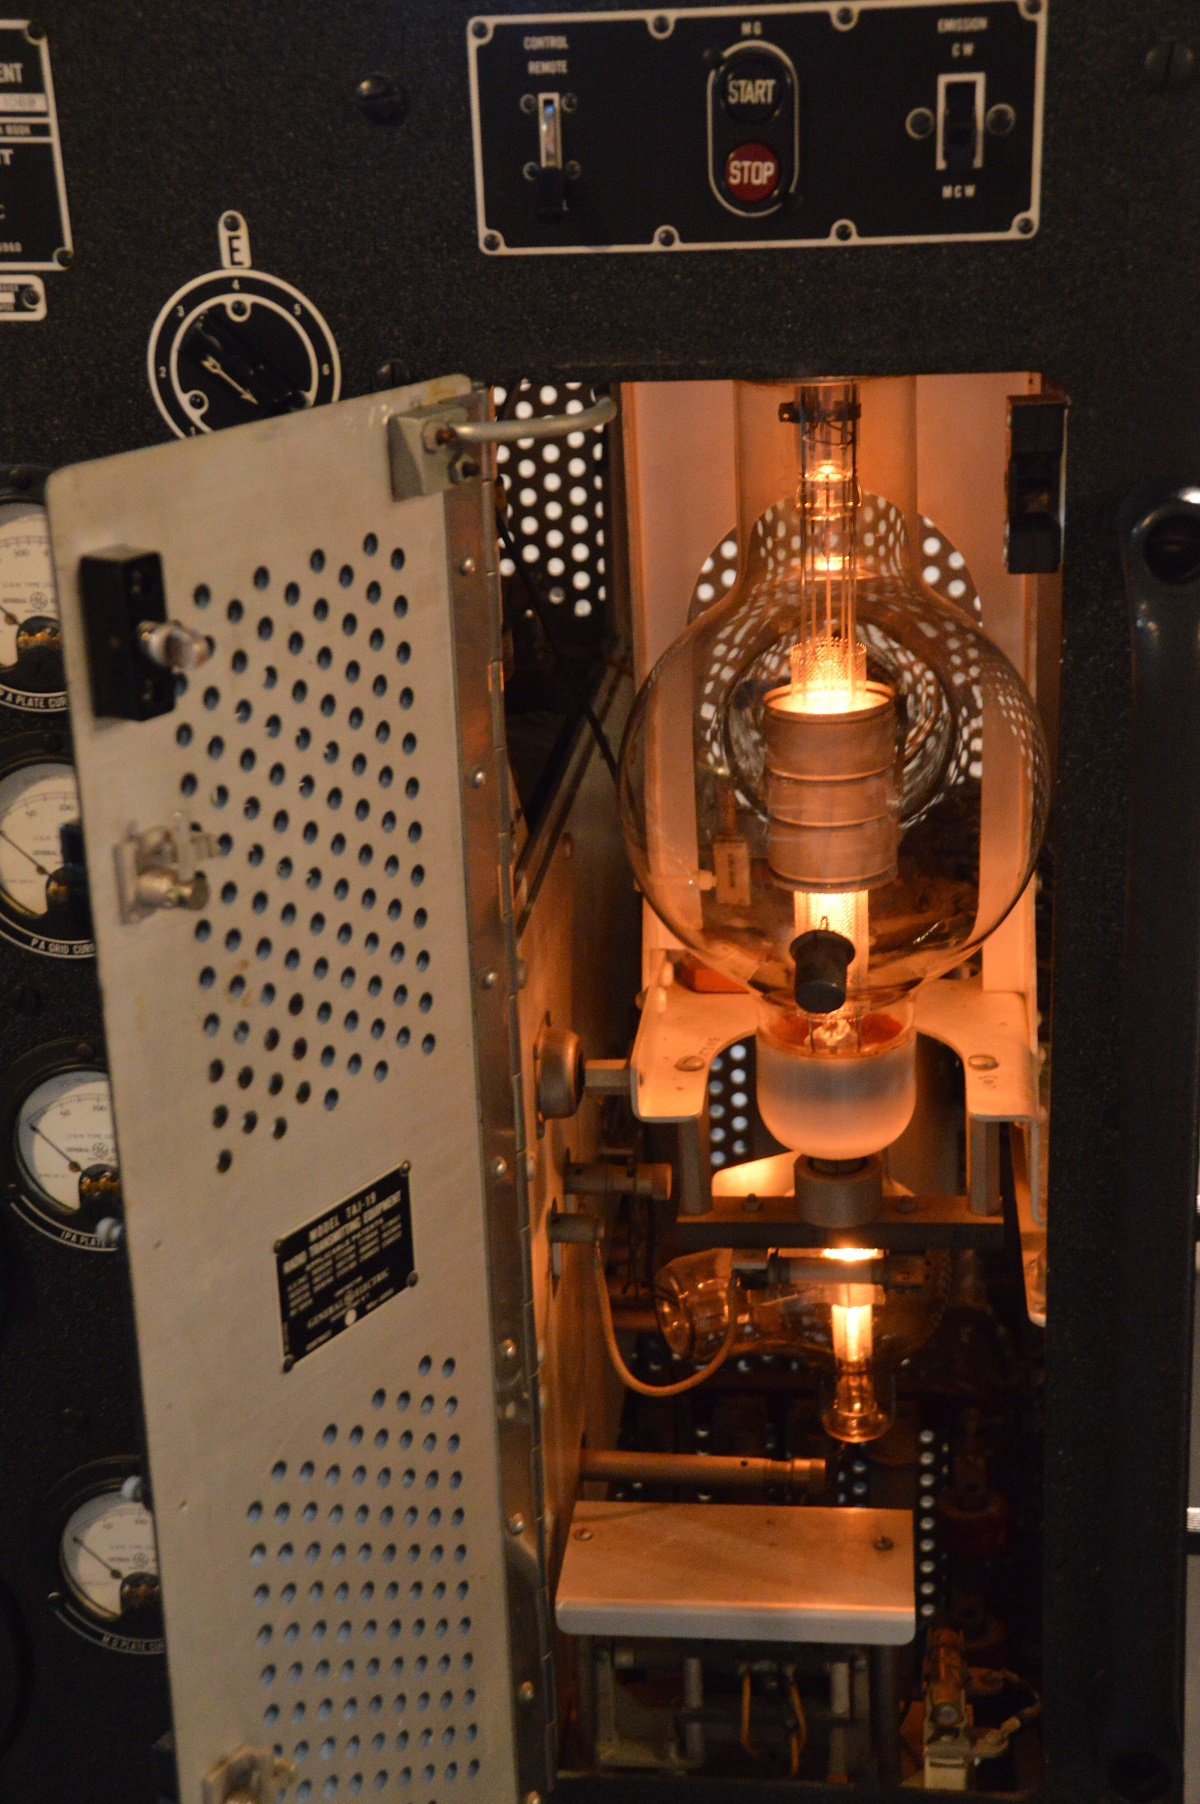 USS Indy Radio Exhibit (4)